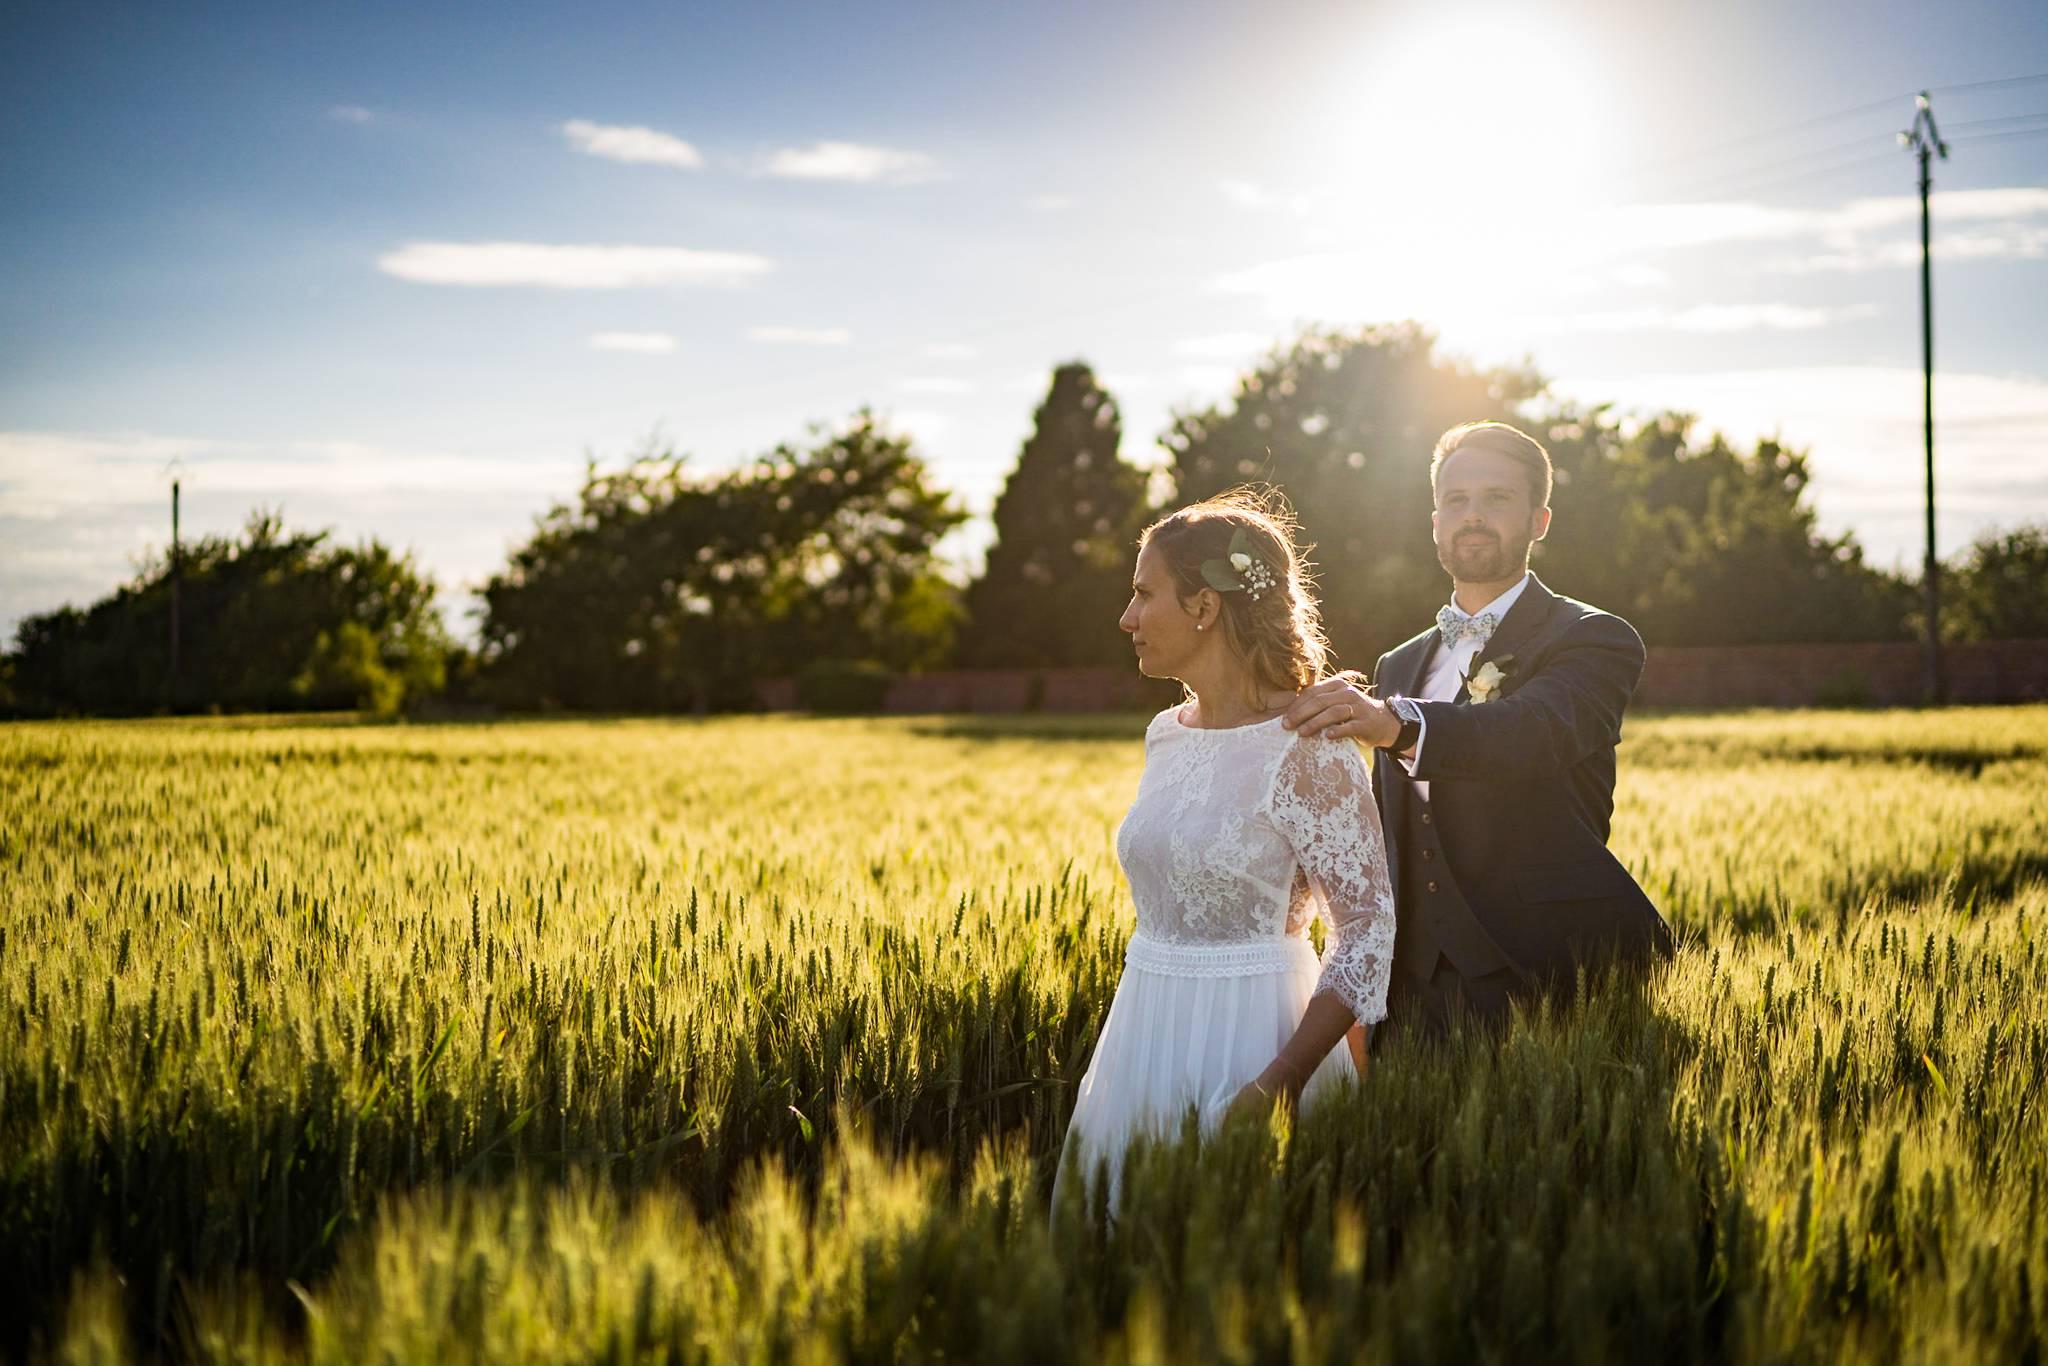 L'aperçu du mariage laïque à la ferme, dans un champ de blé, en Normandie de Mégane et Florian, avec un passage dans la campagne et au Château Gaillard.